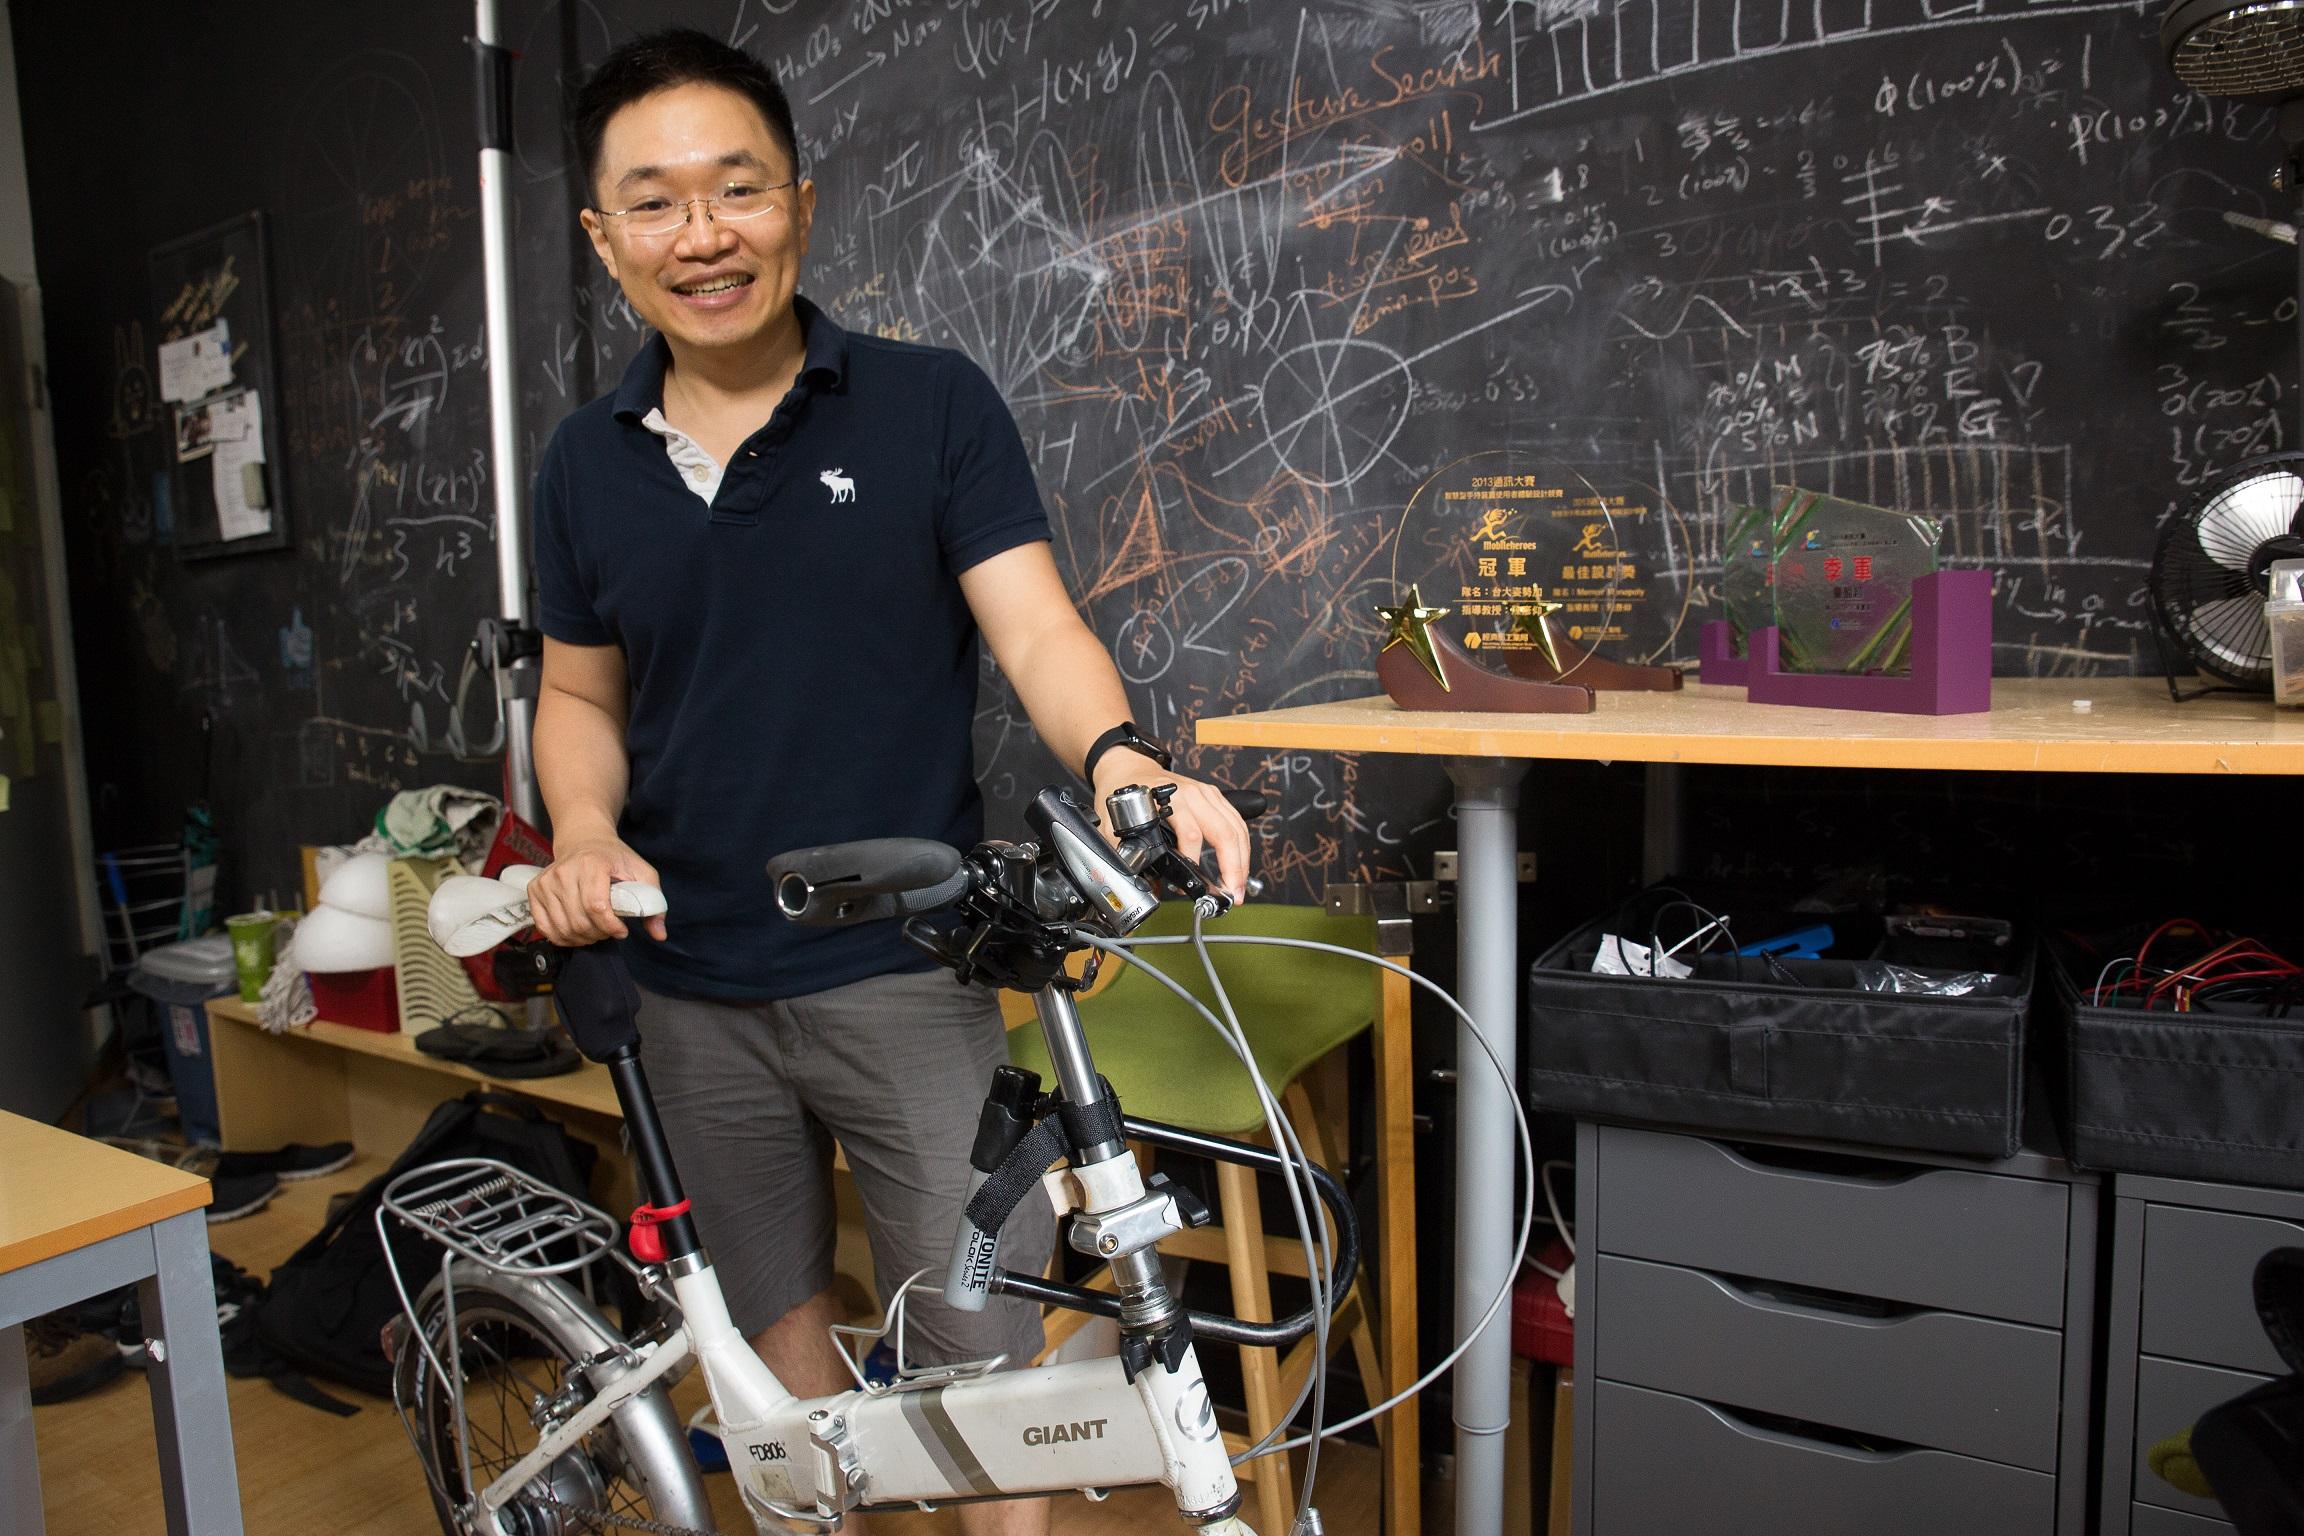 整個城市都是他的實驗室 陳彥仰從人機介面玩出一片天